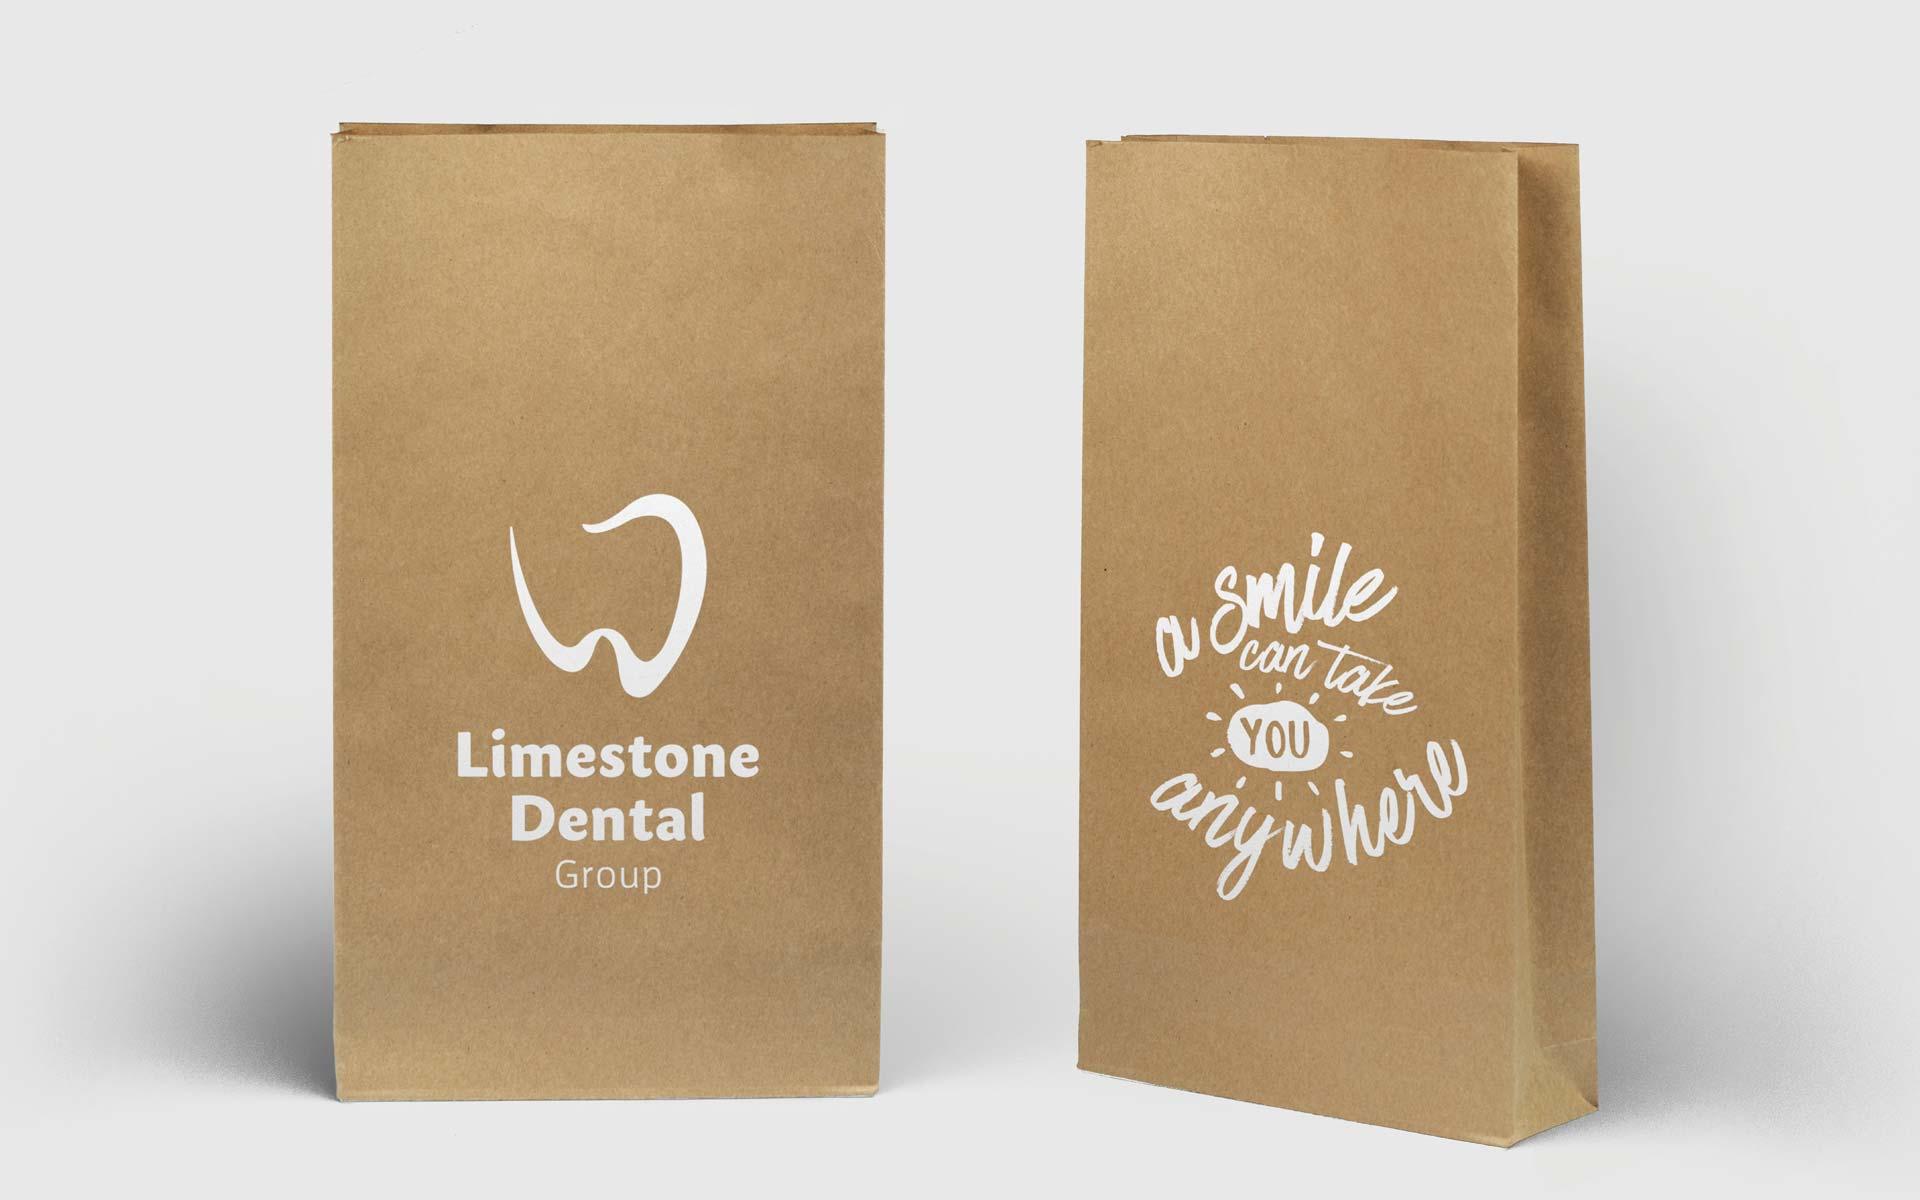 Limestone Dental Group Stationery Design Paper Bag Design